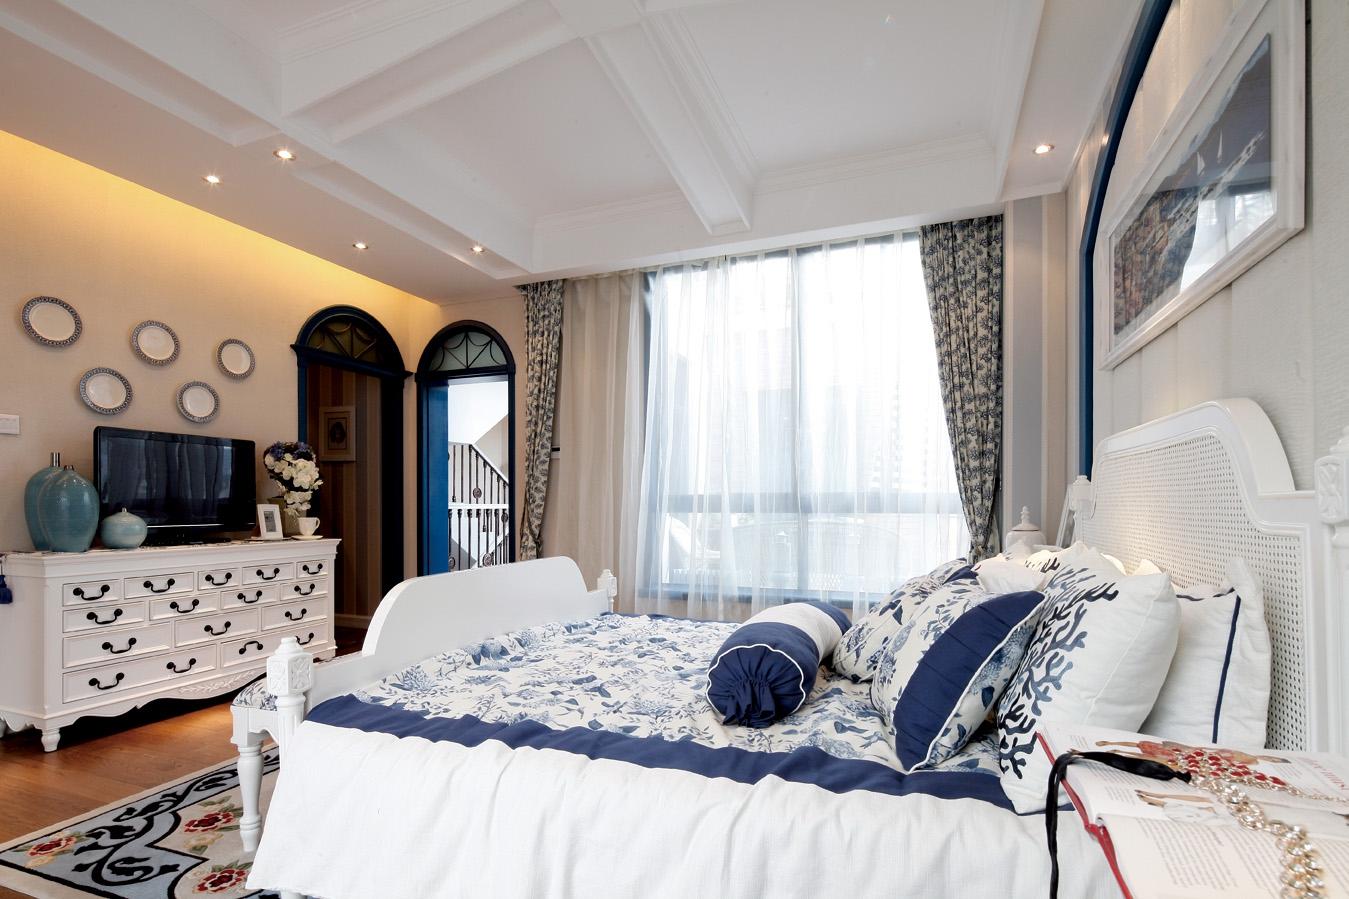 复式 地中海 卡梅尔小镇 半包 卧室图片来自众意装饰在卡梅尔小镇的分享